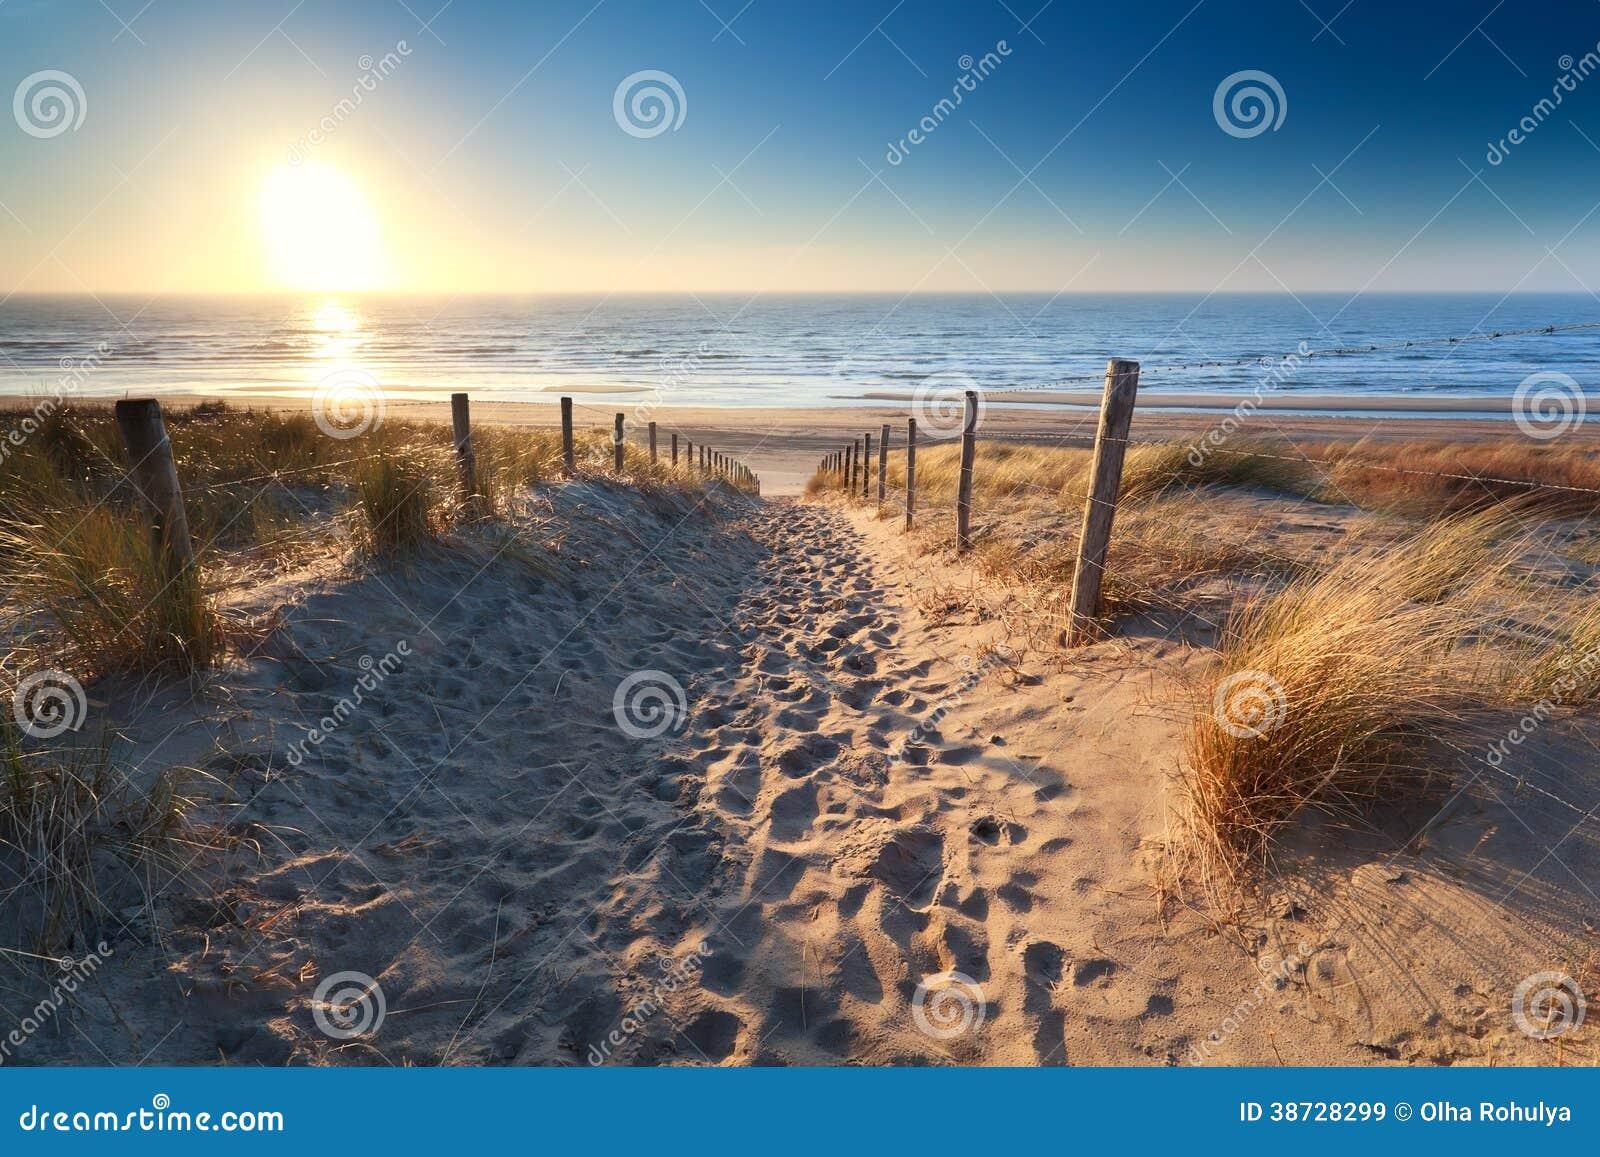 Weg, zum des Strandes in der Nordsee zu versanden